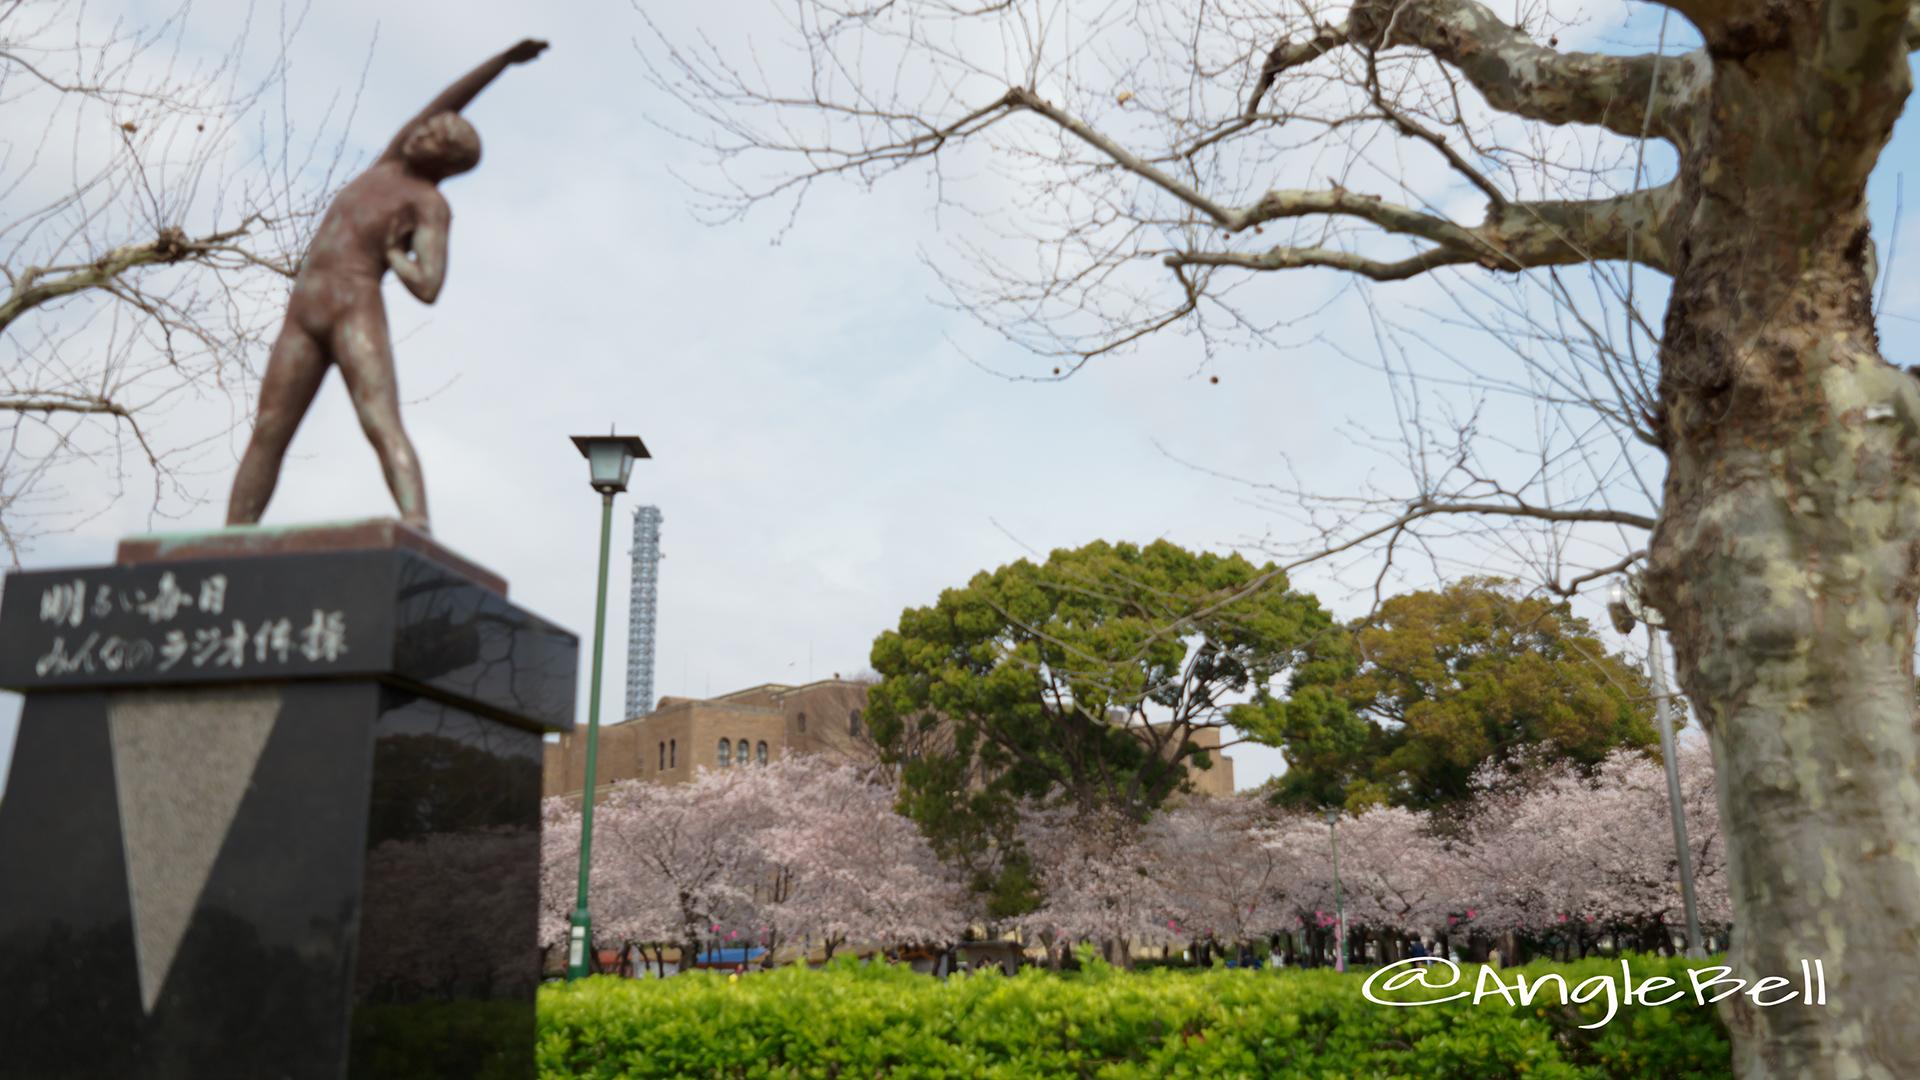 鶴舞公園 ラジオ体操の像と桜